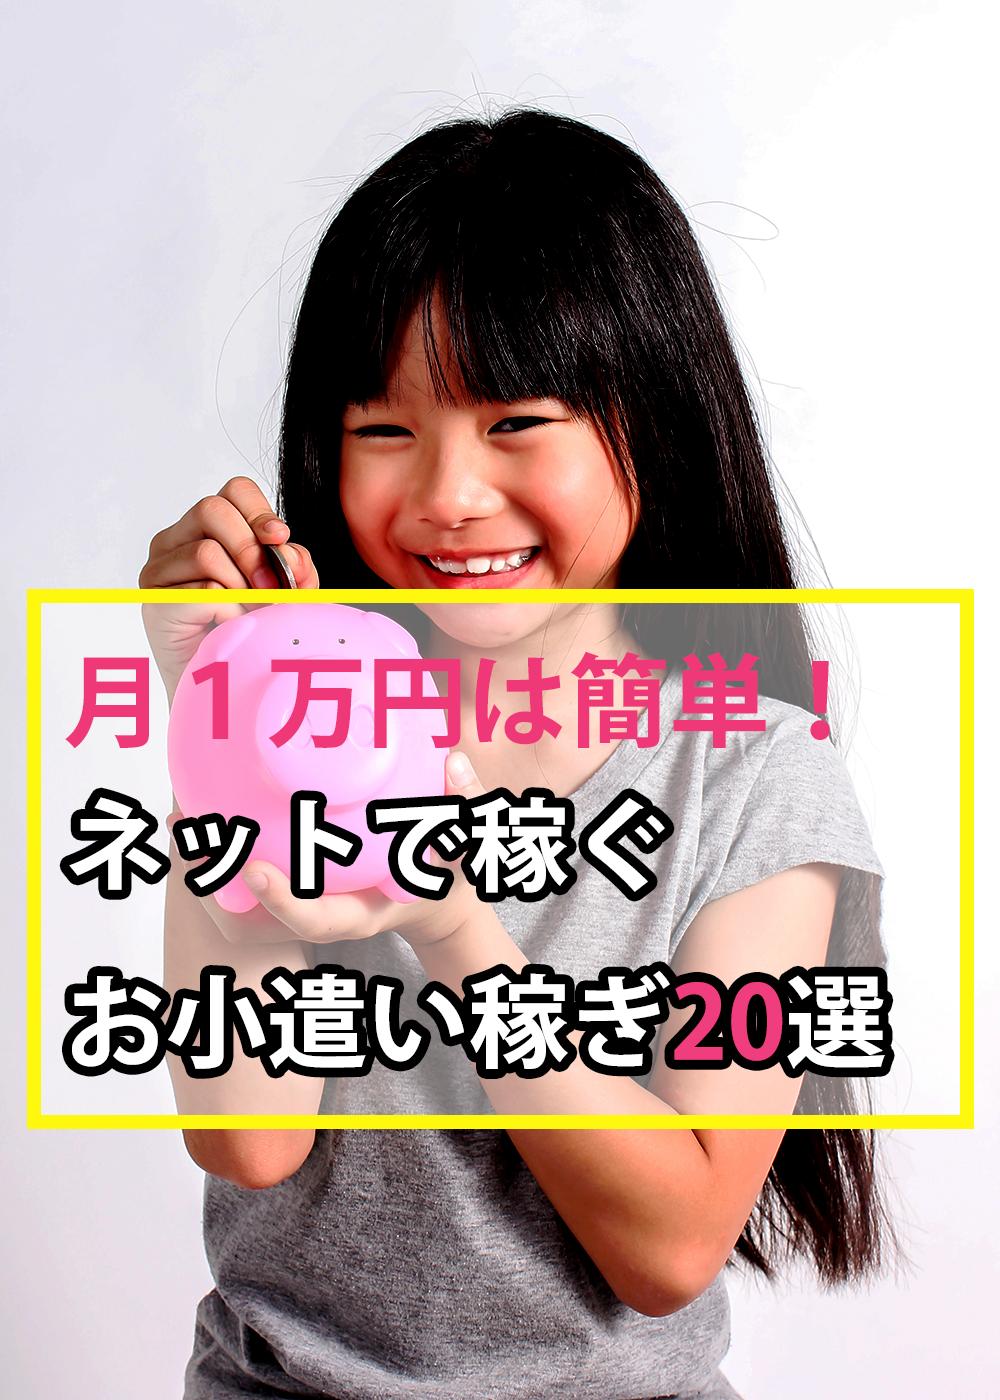 月1万円以上は簡単 ネットで稼ぐお小遣い稼ぎの方法おすすめ20選 副業 主婦 稼ぐ 稼ぐ